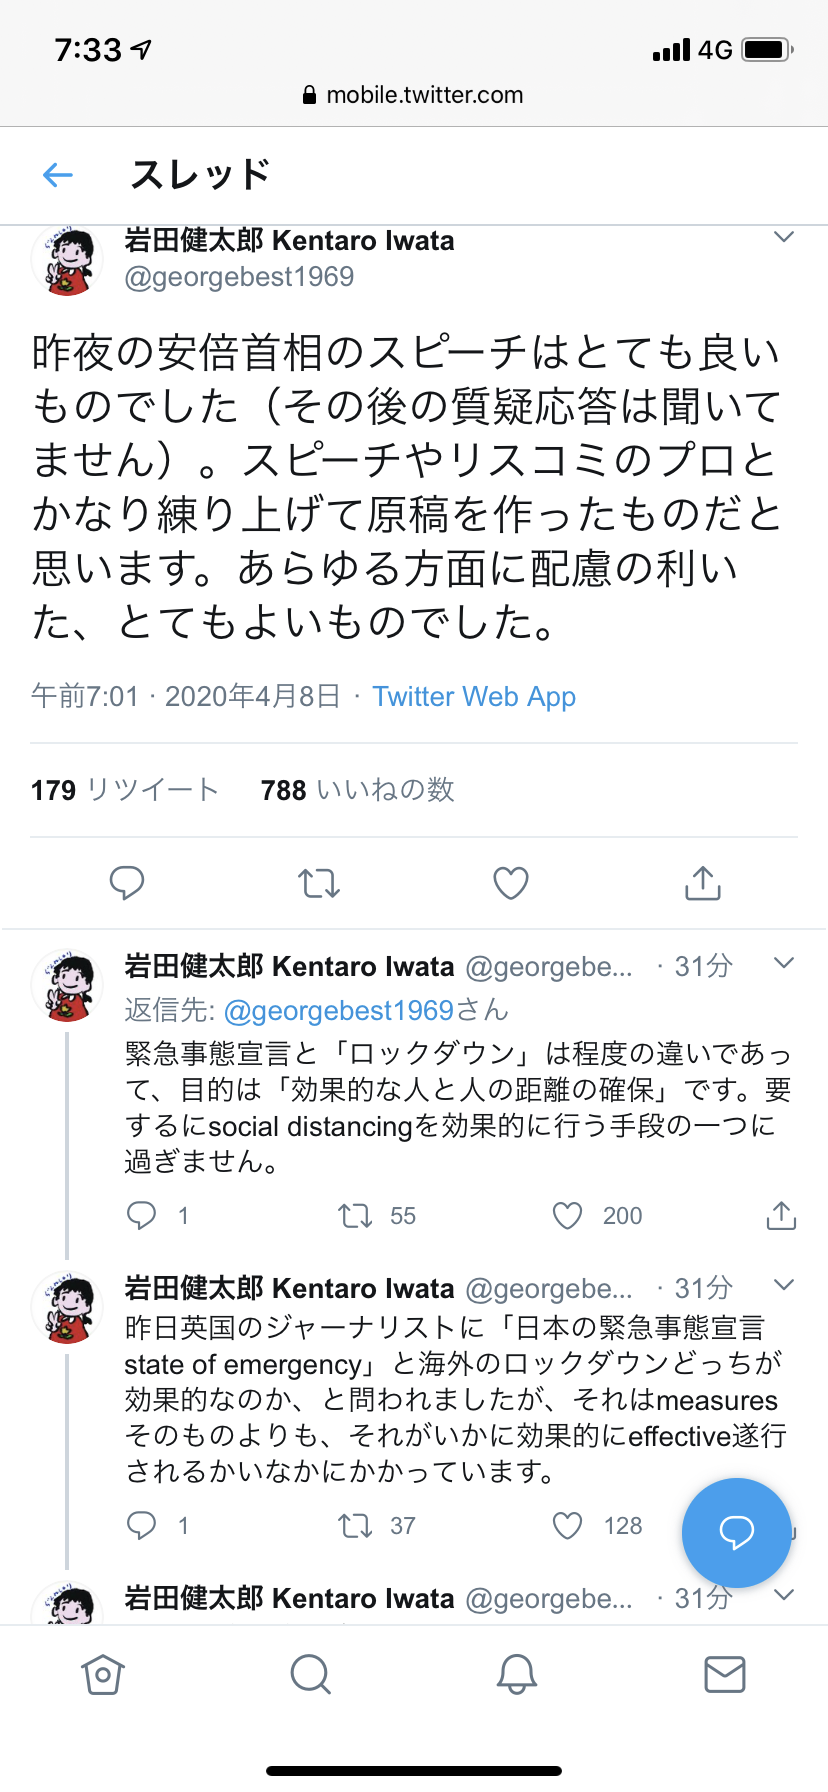 【朗報】岩田健太郎「昨日の安倍の会見はとても良かった。ぼくは良いものはちゃんと良いと言います」